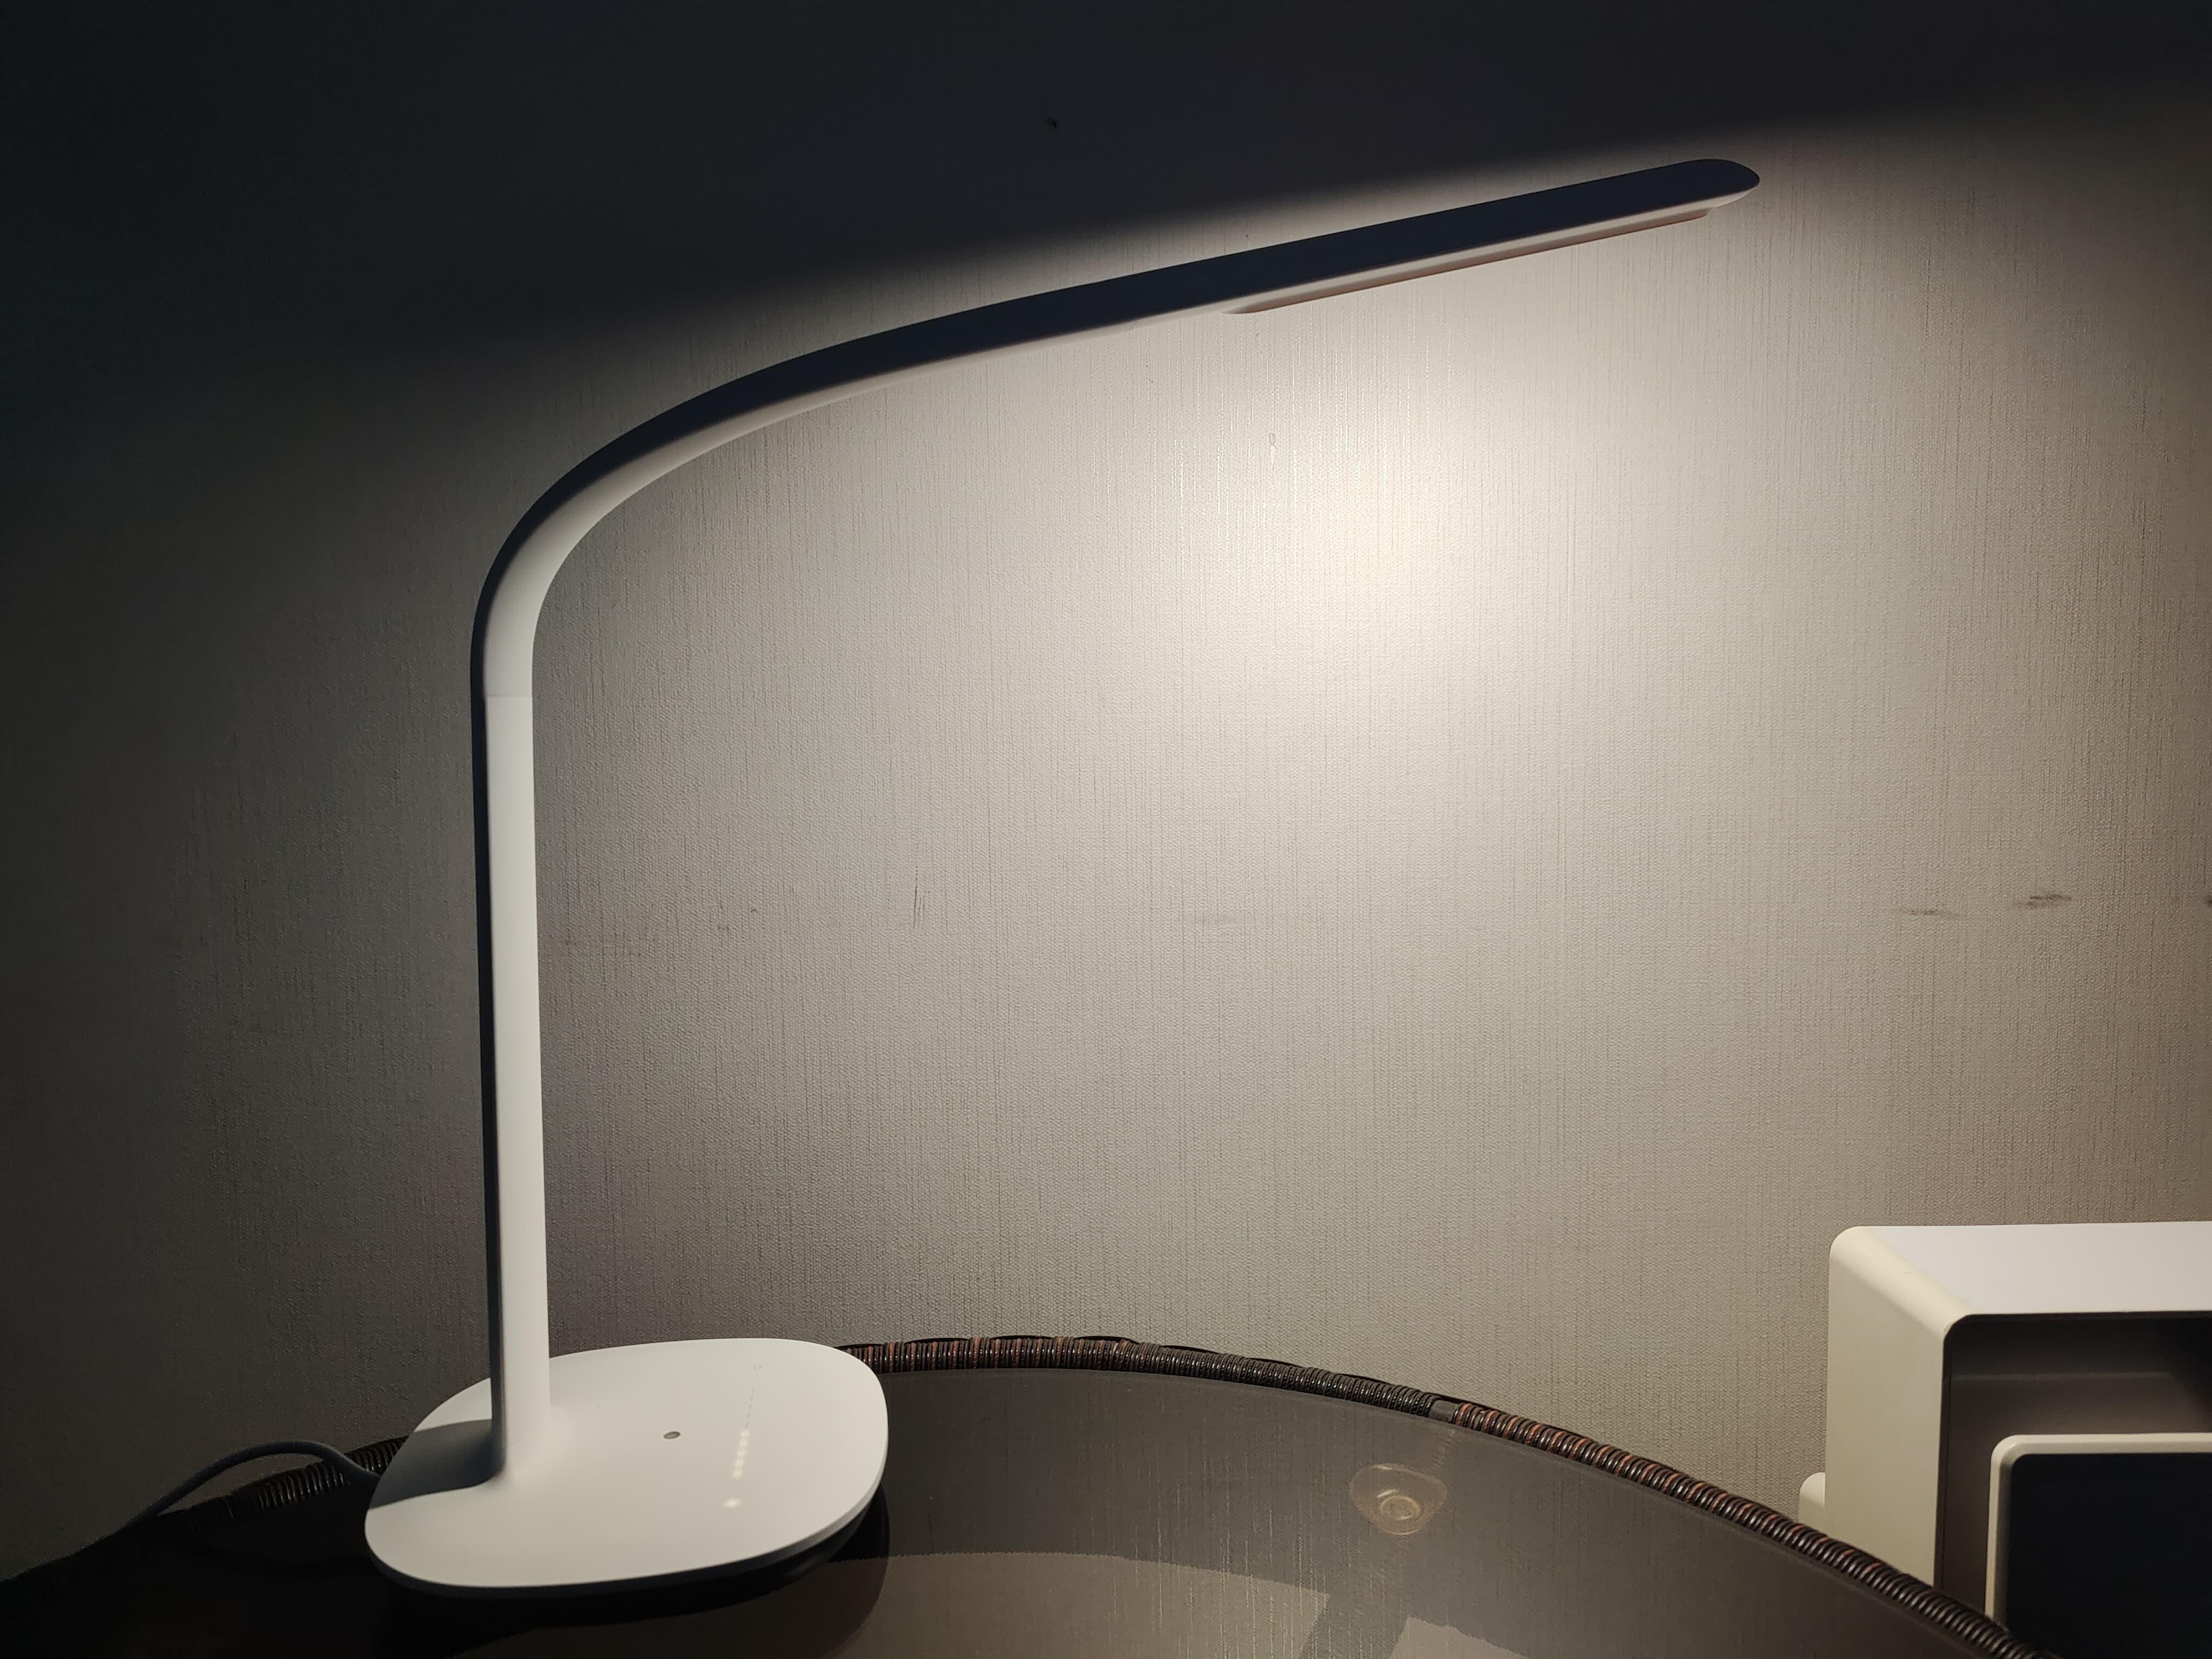 米家飞利浦台灯3开箱上手:护眼无频闪 颜值再提升